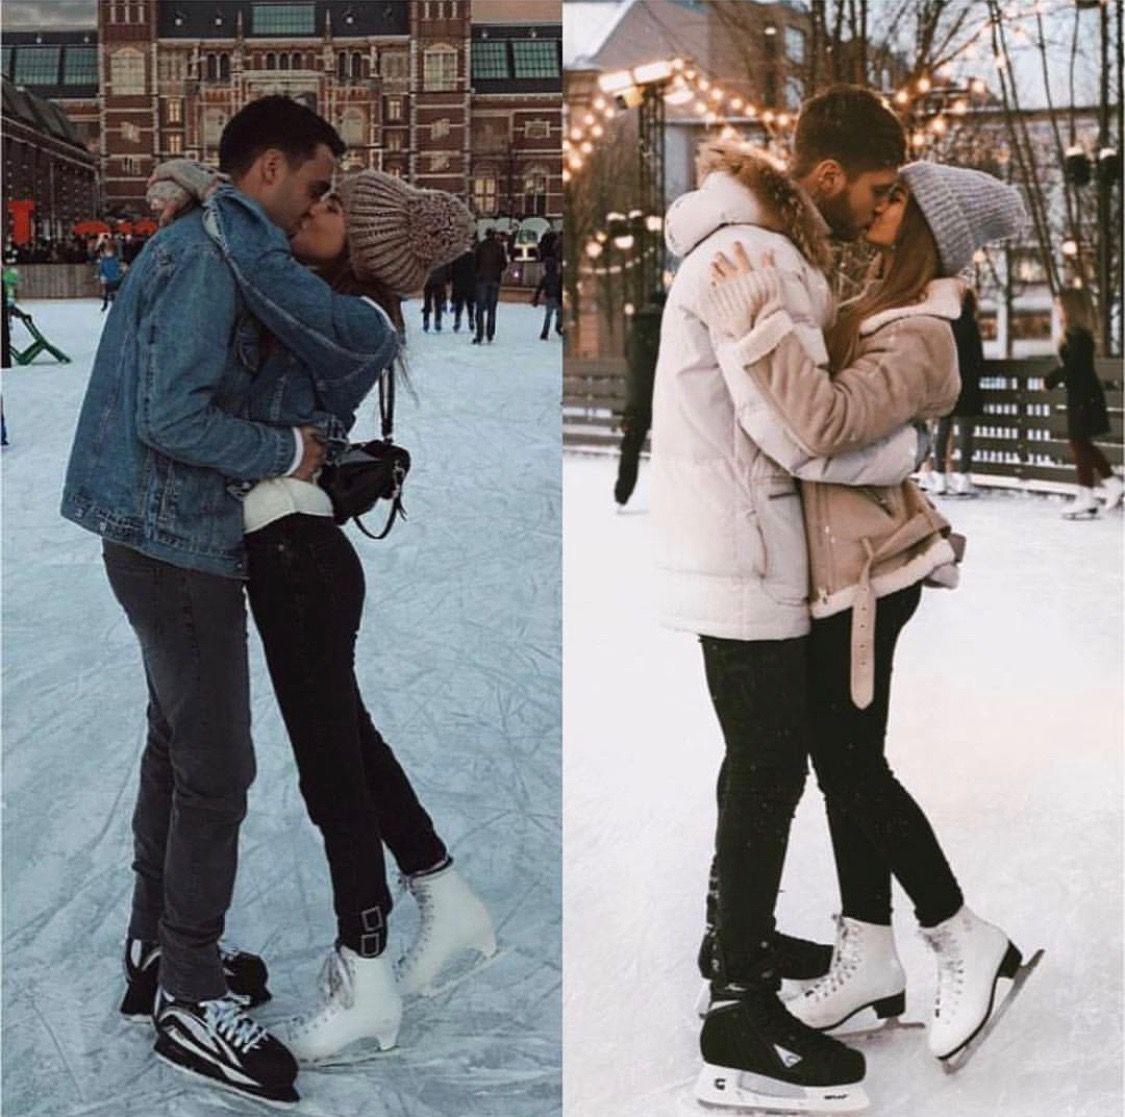 skate dating)